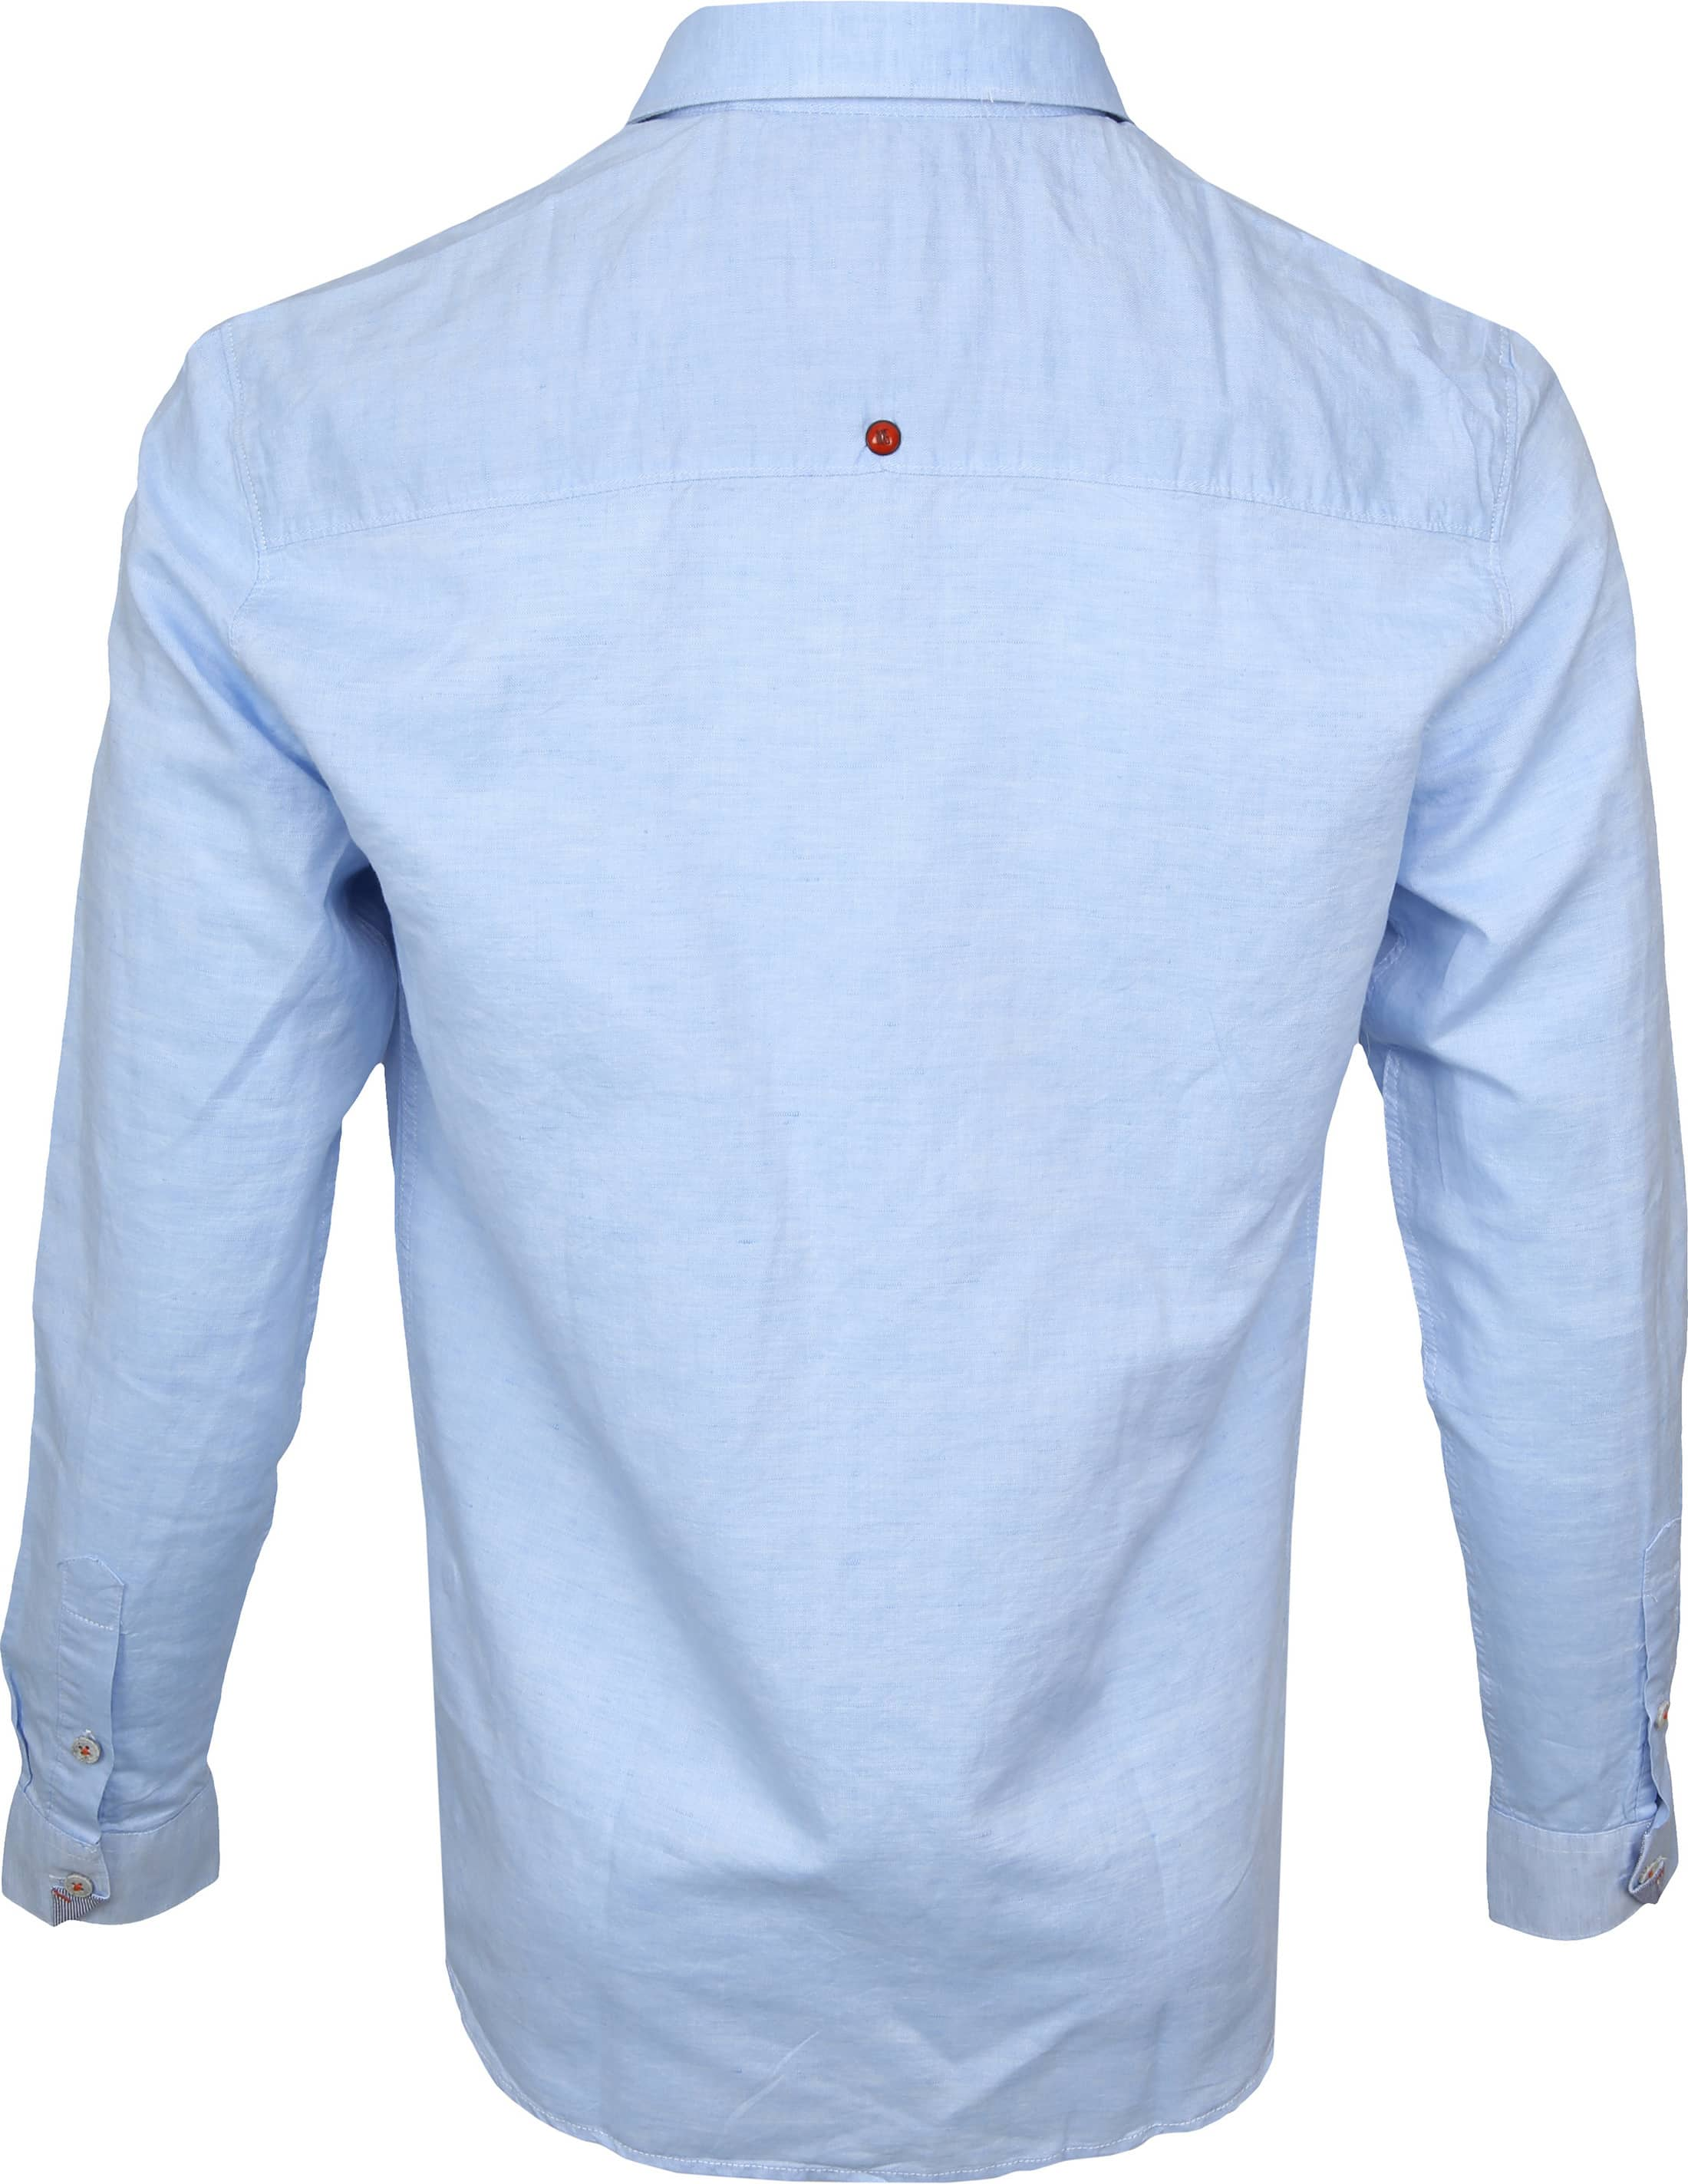 No-Excess Overhemd Lichtblauw foto 3